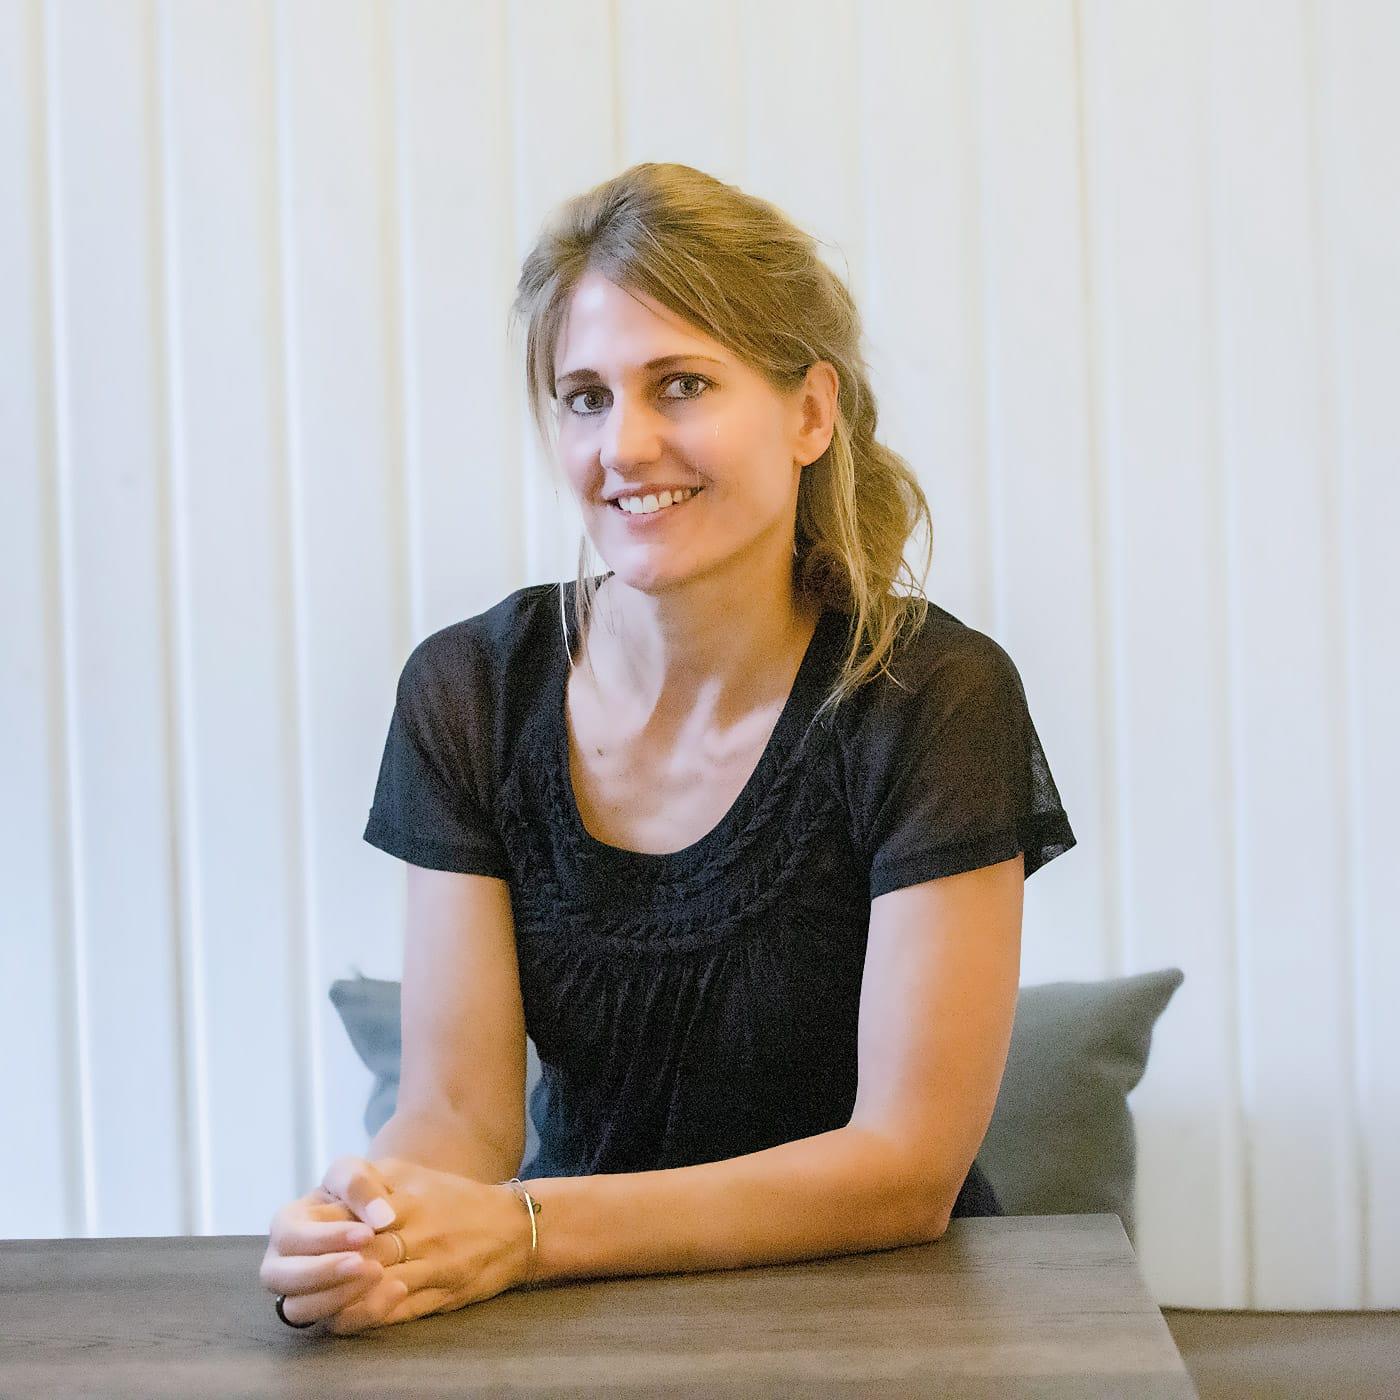 Umbau und Optimierung von Familienwohnungen: Expertin Innenarchitektin Judith Simone Wahle // HIMBEER